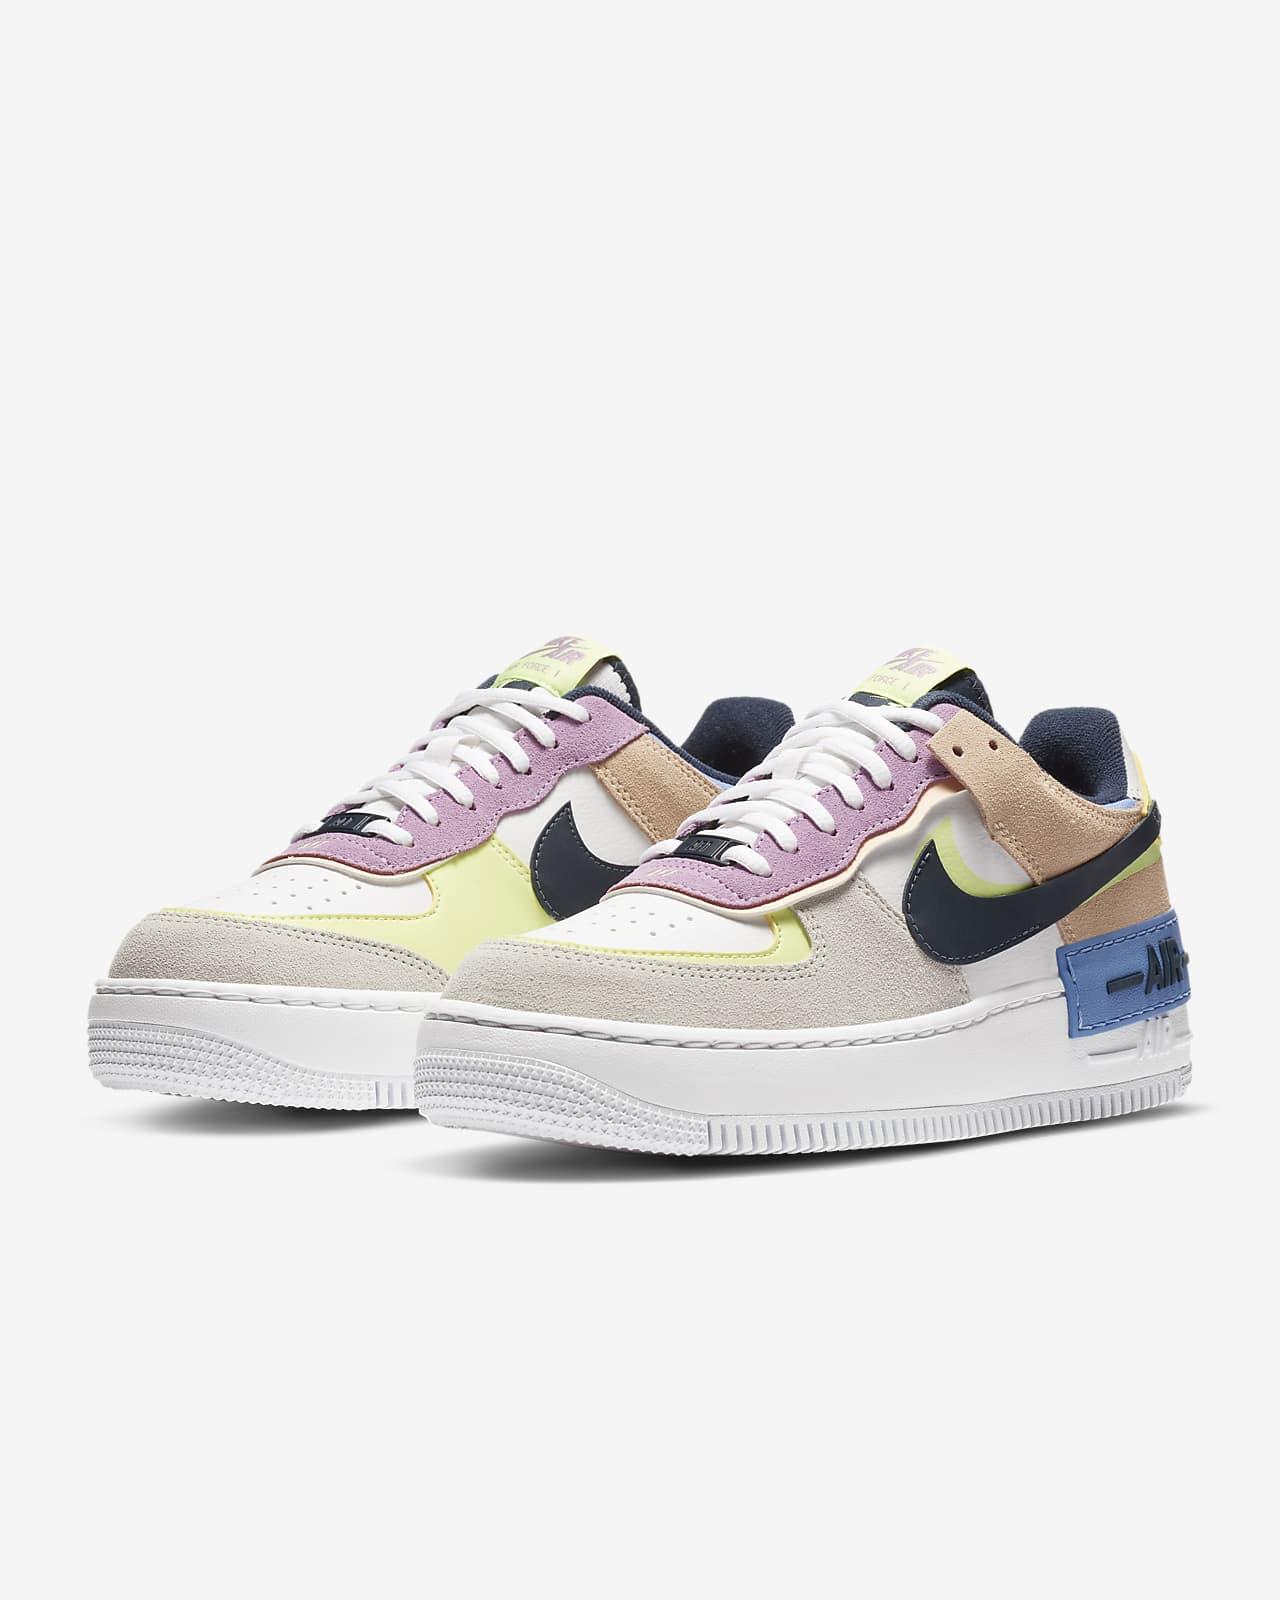 Nike Air Force 1 Shadow Women S Shoe Nike Jp 4 cool ways how to lace nike air force 1 nike air force 1 lacing. nike air force 1 shadow women s shoe